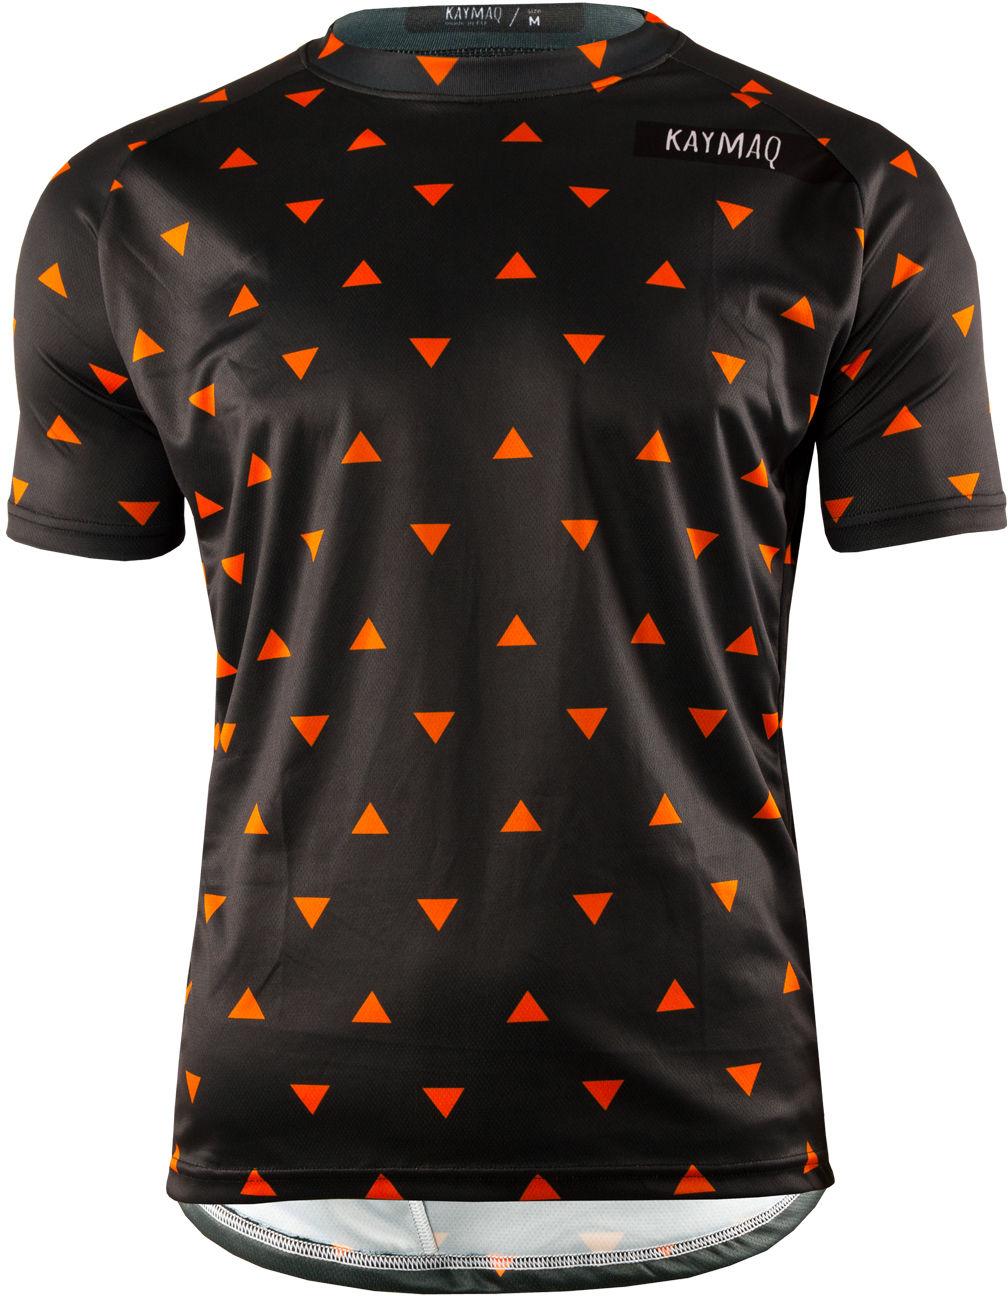 KAYMAQ DESIGN M76 męska luźna koszulka rowerowa MTB Rozmiar: XL,m76-mtb-kosz-1